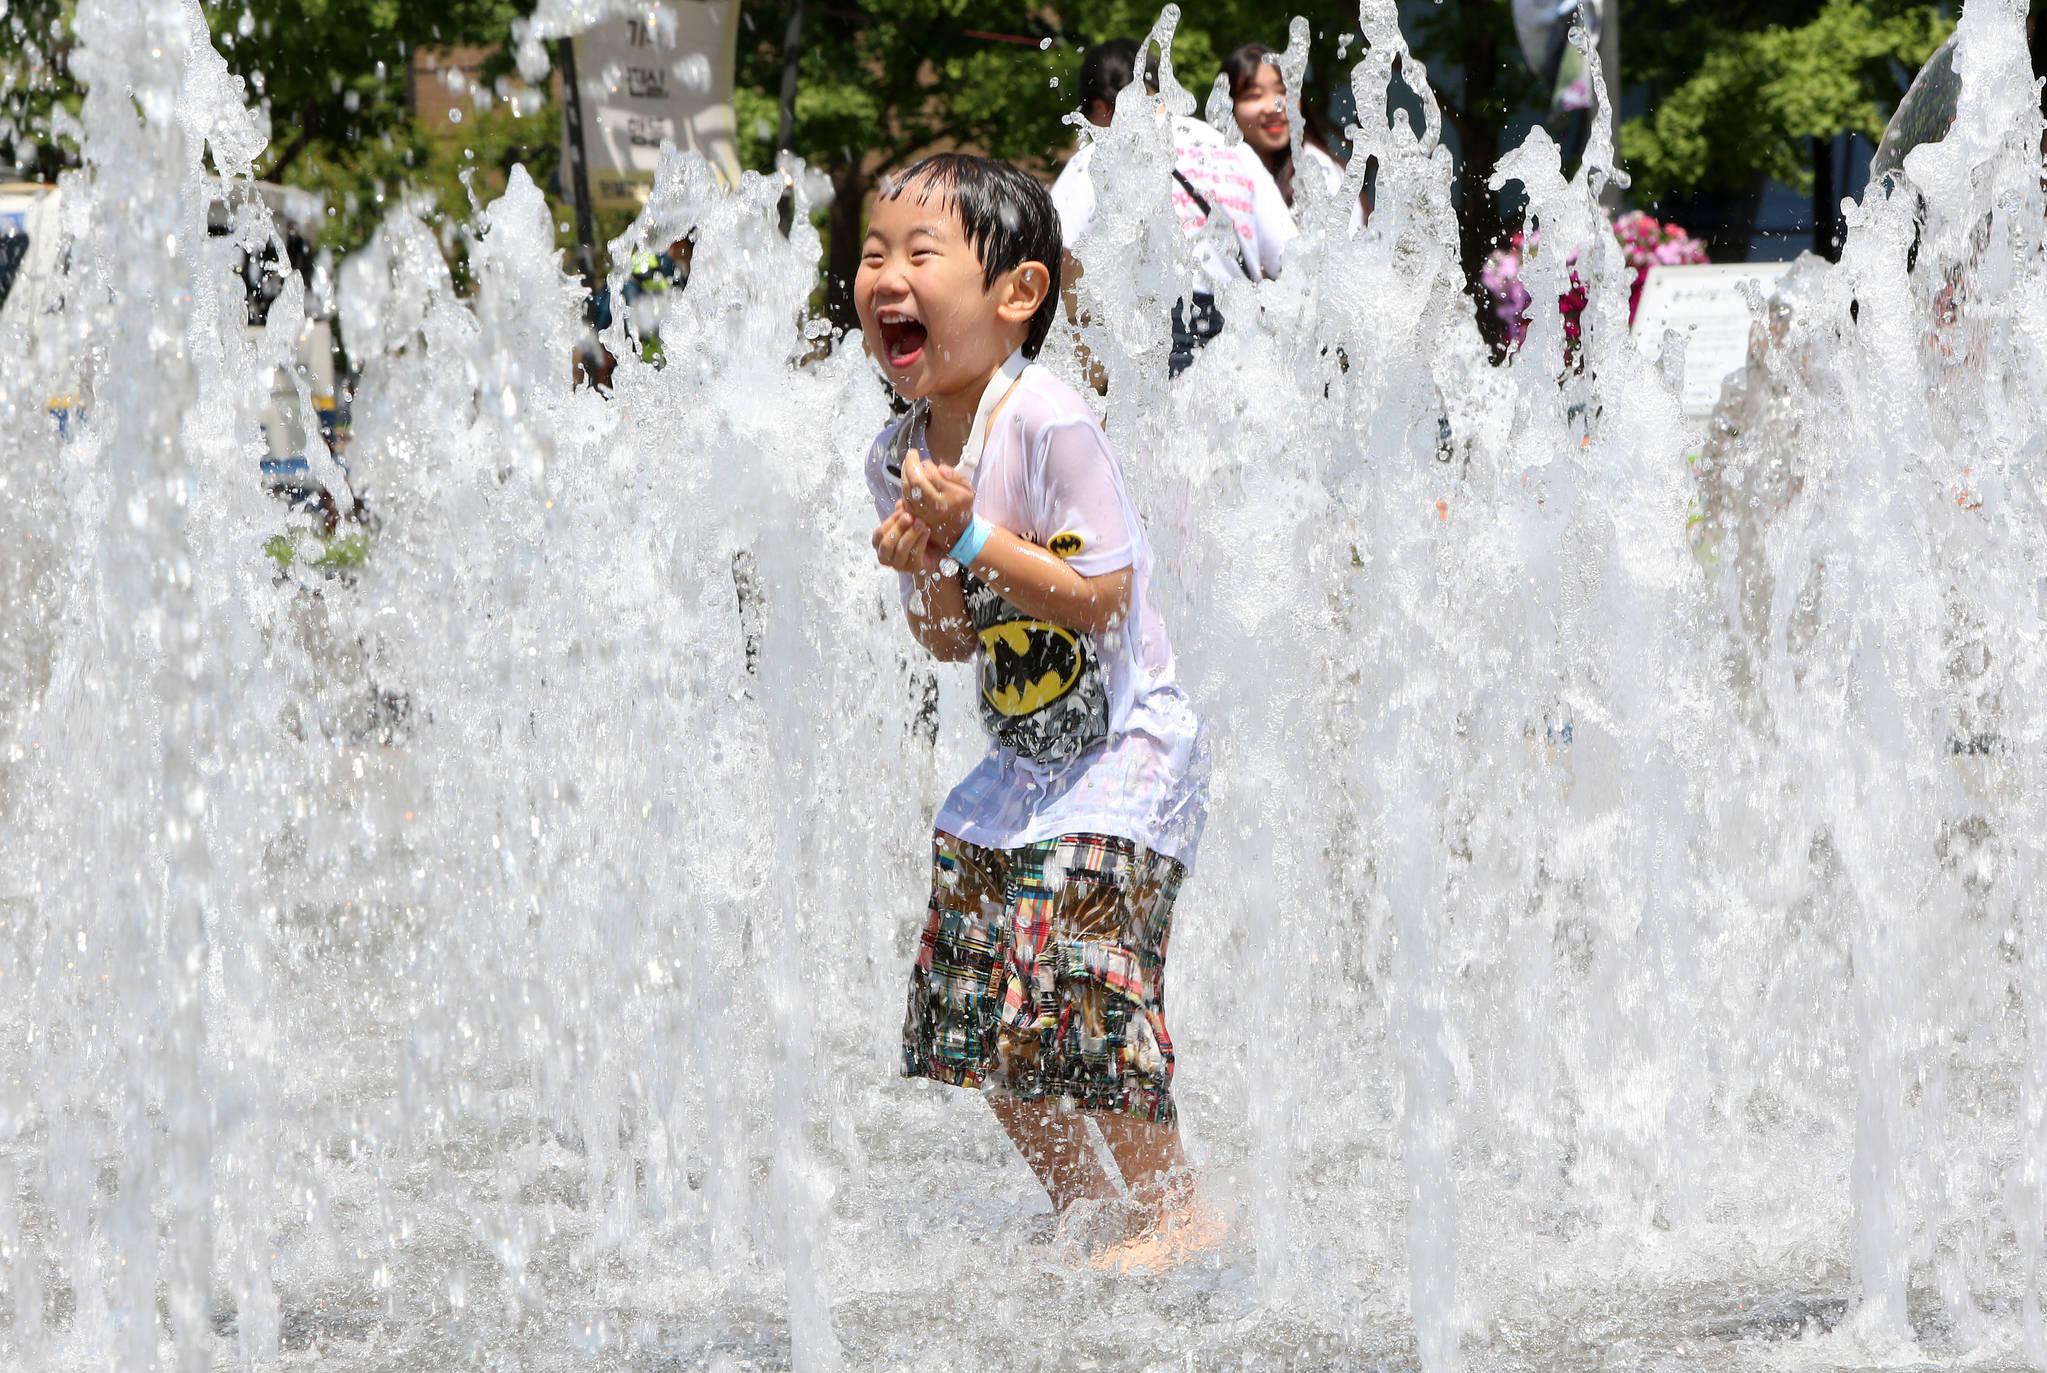 5일 오후서울 광화문 광장에서 한 어린이가 분수대 물을 맞으며 더위를 식히고 있다.조문규 기자